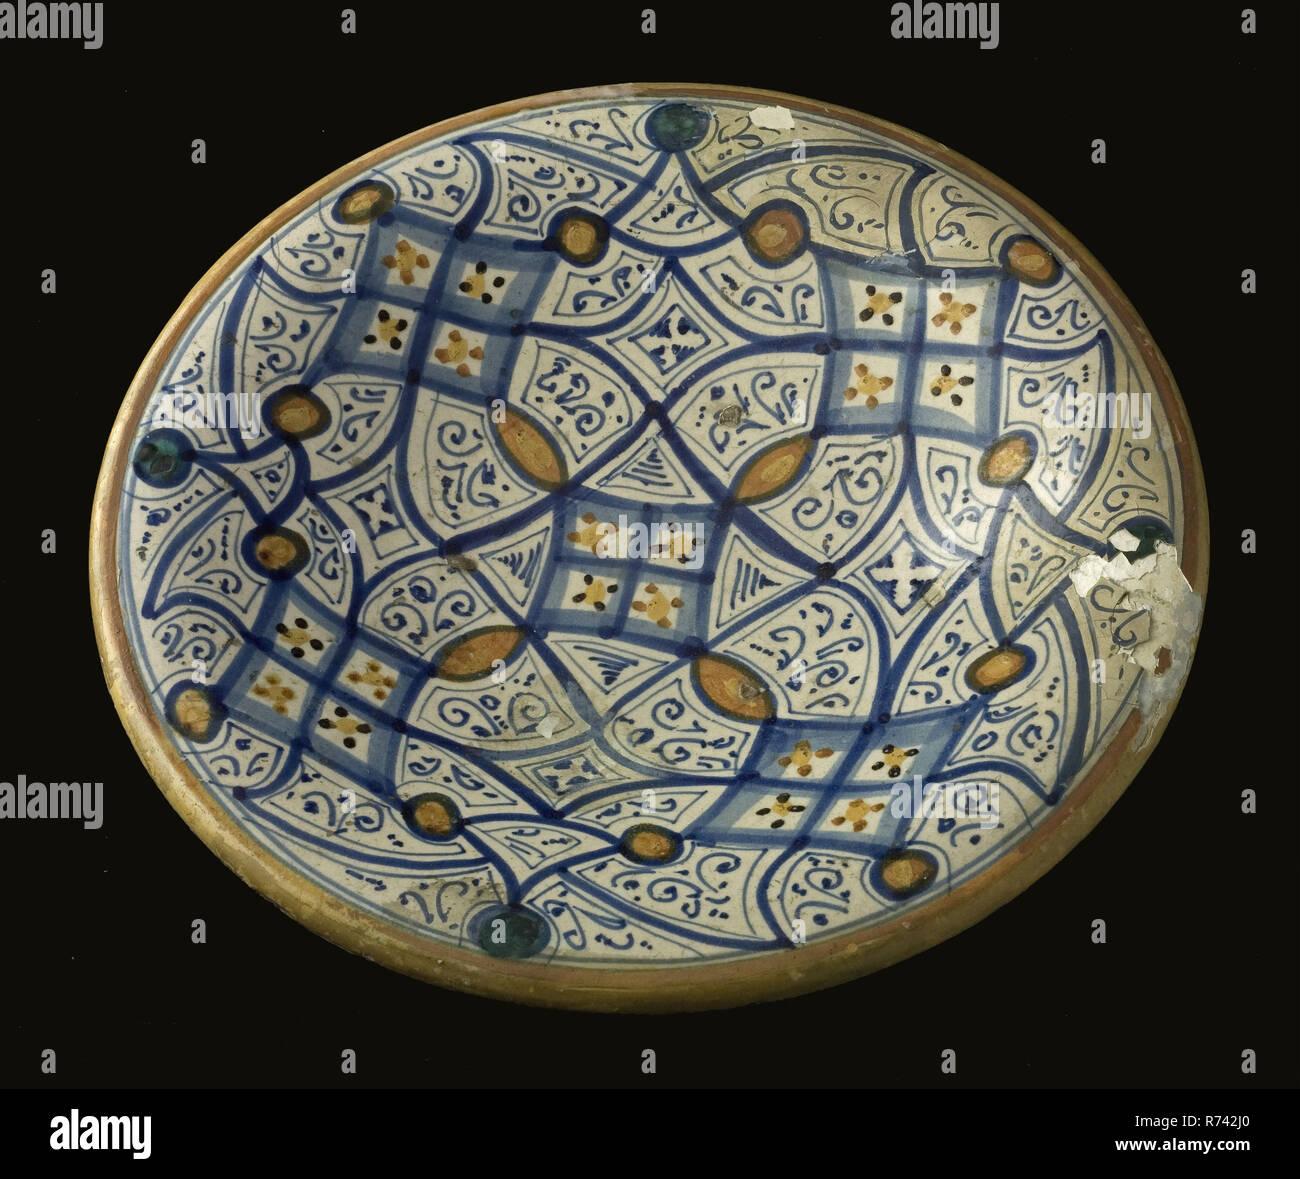 Majolika Teller Auf Stander Mit Orientalischen Ornamentalen Polychromie Teller Teller Schussel Geschirr Halter Boden Keramik Keramik